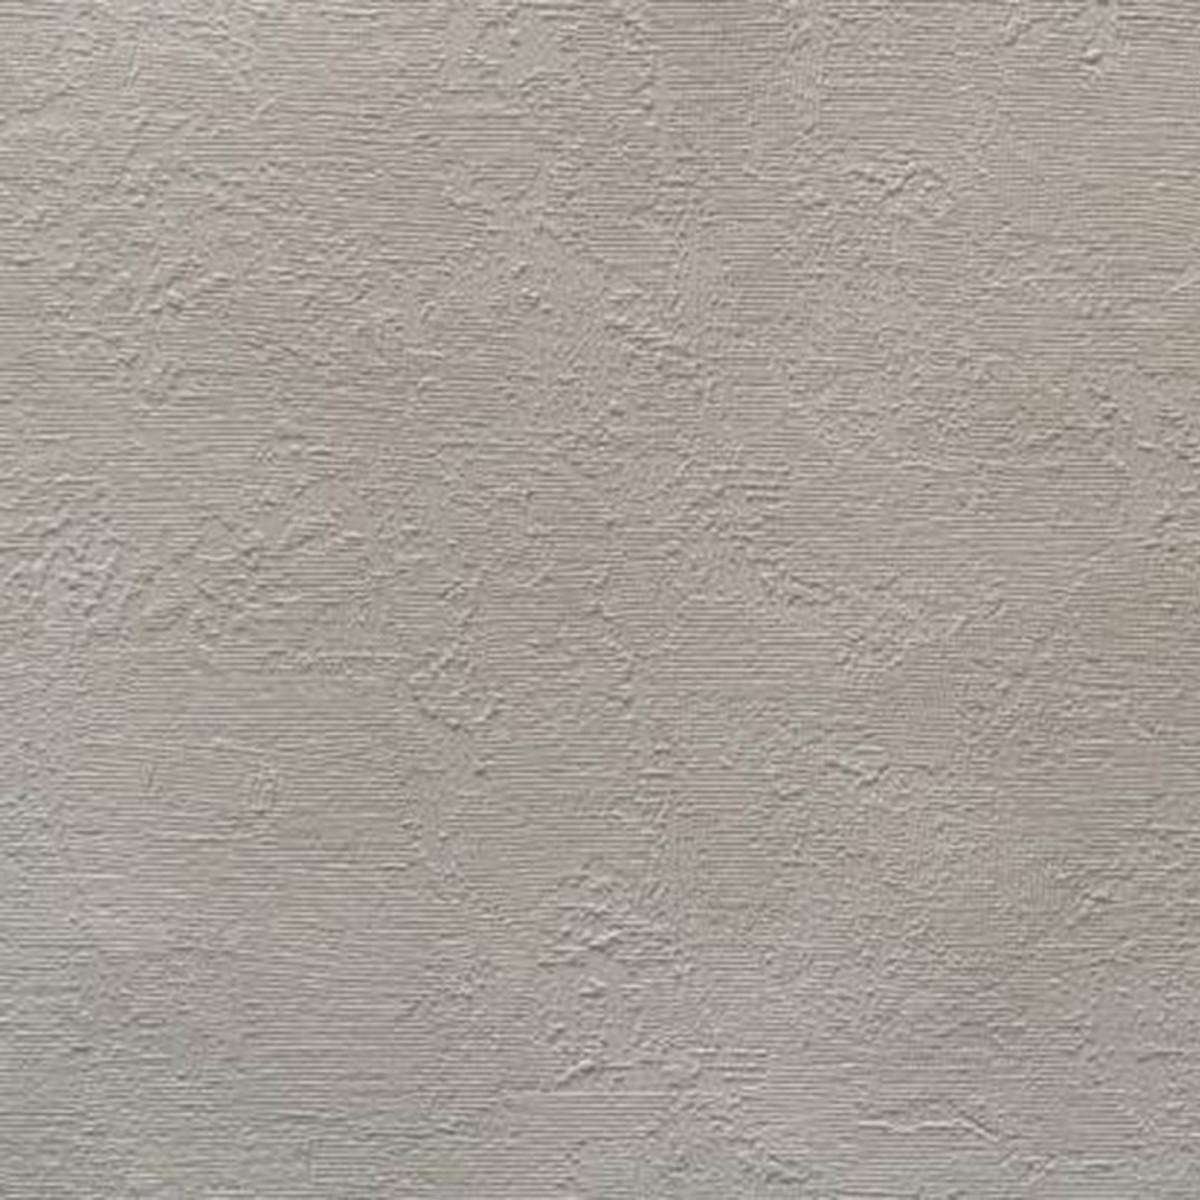 Обои флизелиновые Elysium Флора серые 1.06 м 37603